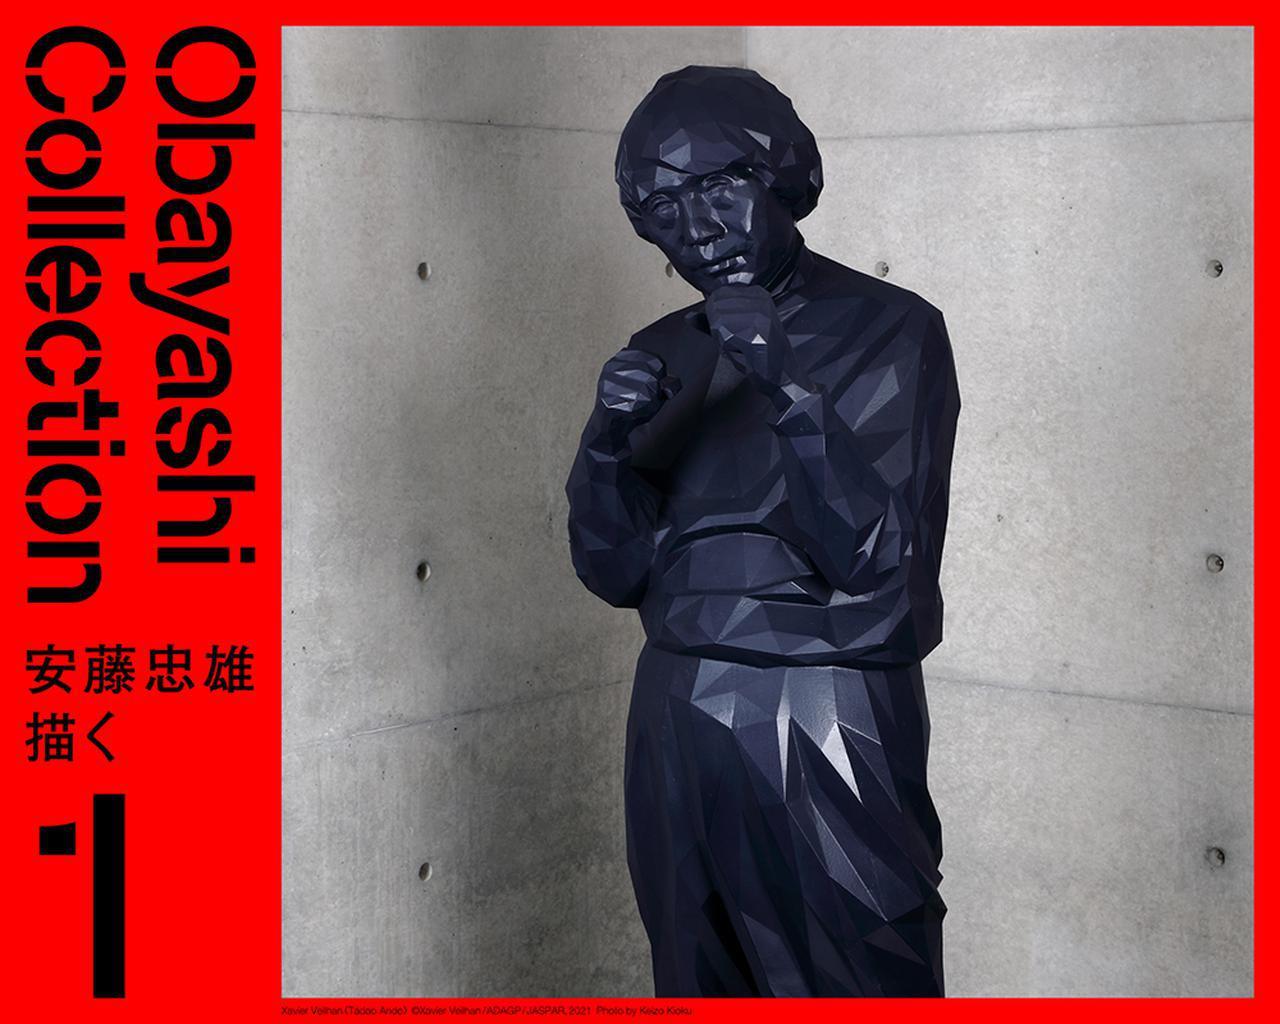 画像: 日本を代表する建築家 安藤忠雄氏の初期建築〜未来のプロジェクトまで展示